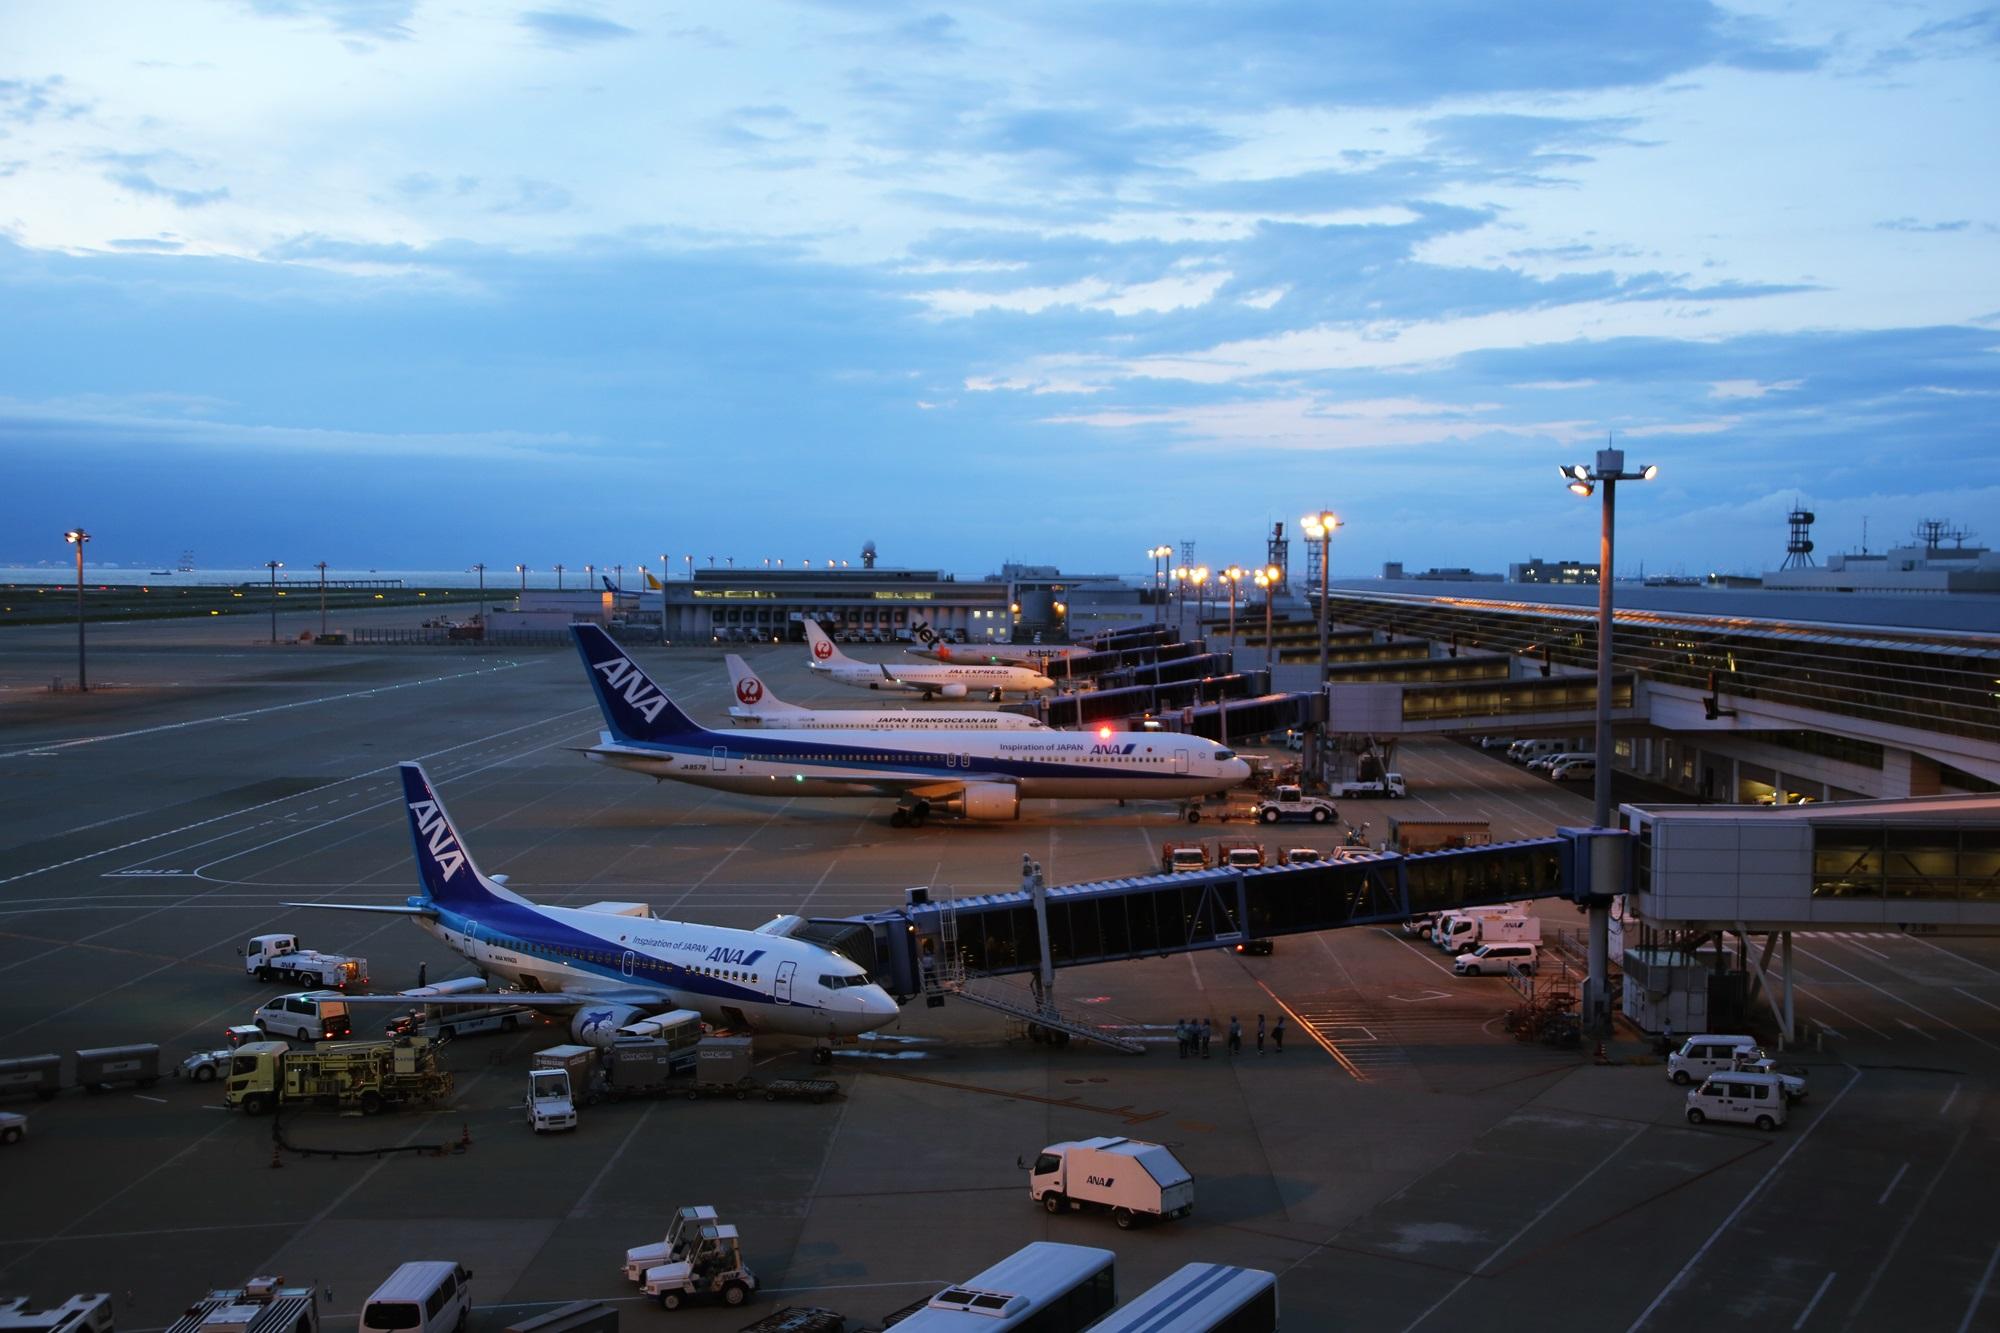 セントレア 中部国際空港 centrair airport (1)